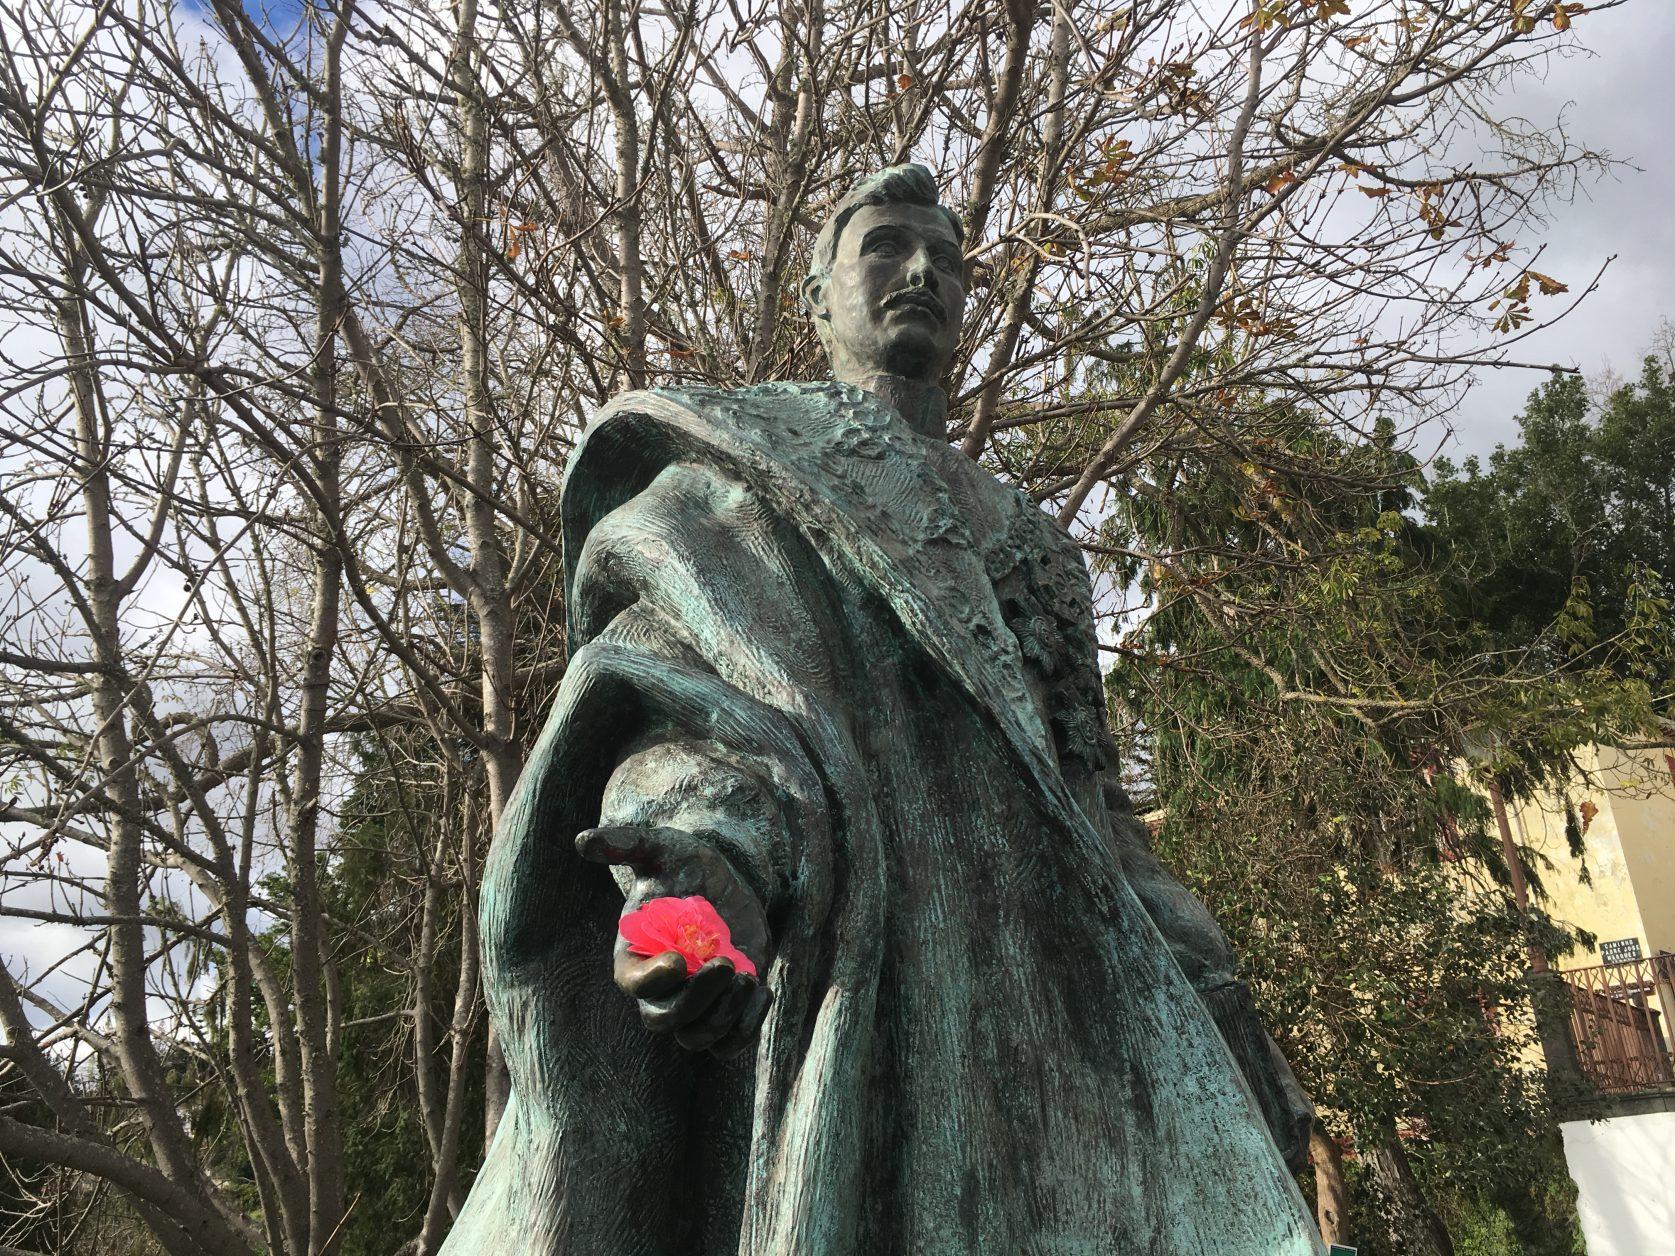 Denkmal des letzten österreichischen Kaisers Karl I., der 1922 auf Madeira verstarb. Foto: D. Weirauch